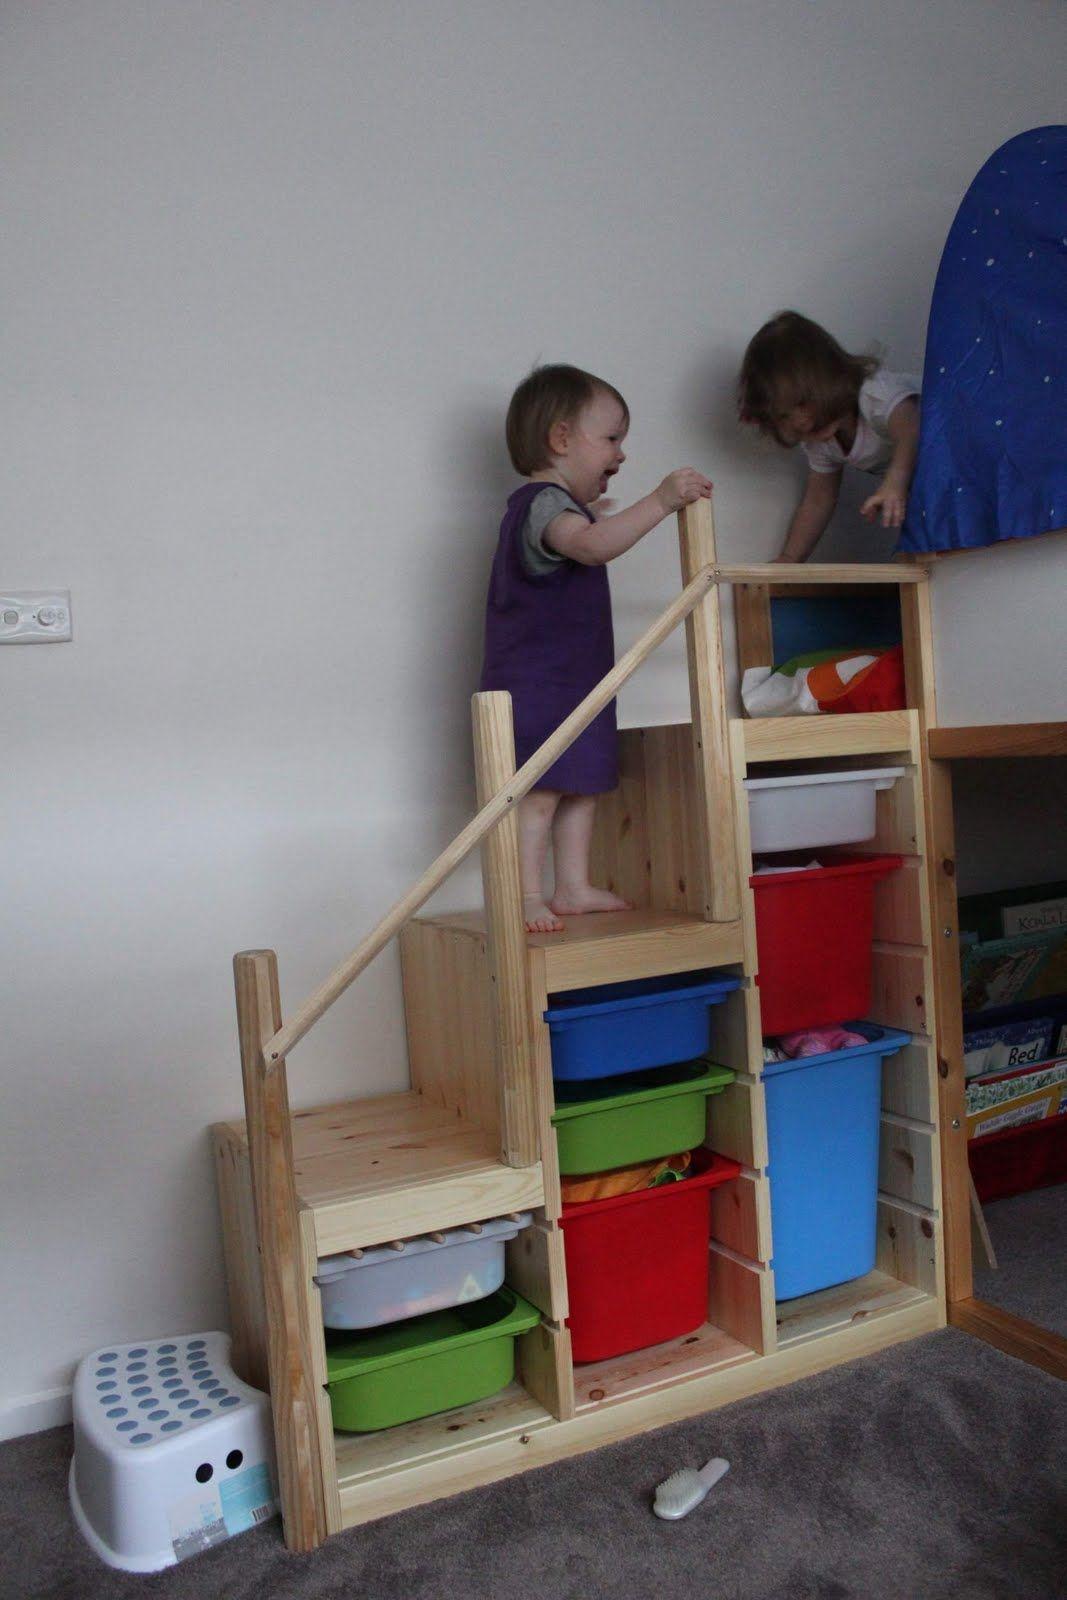 High loft bed with stairs  Mariam Murtaza Sarwary mariammurtaza on Pinterest